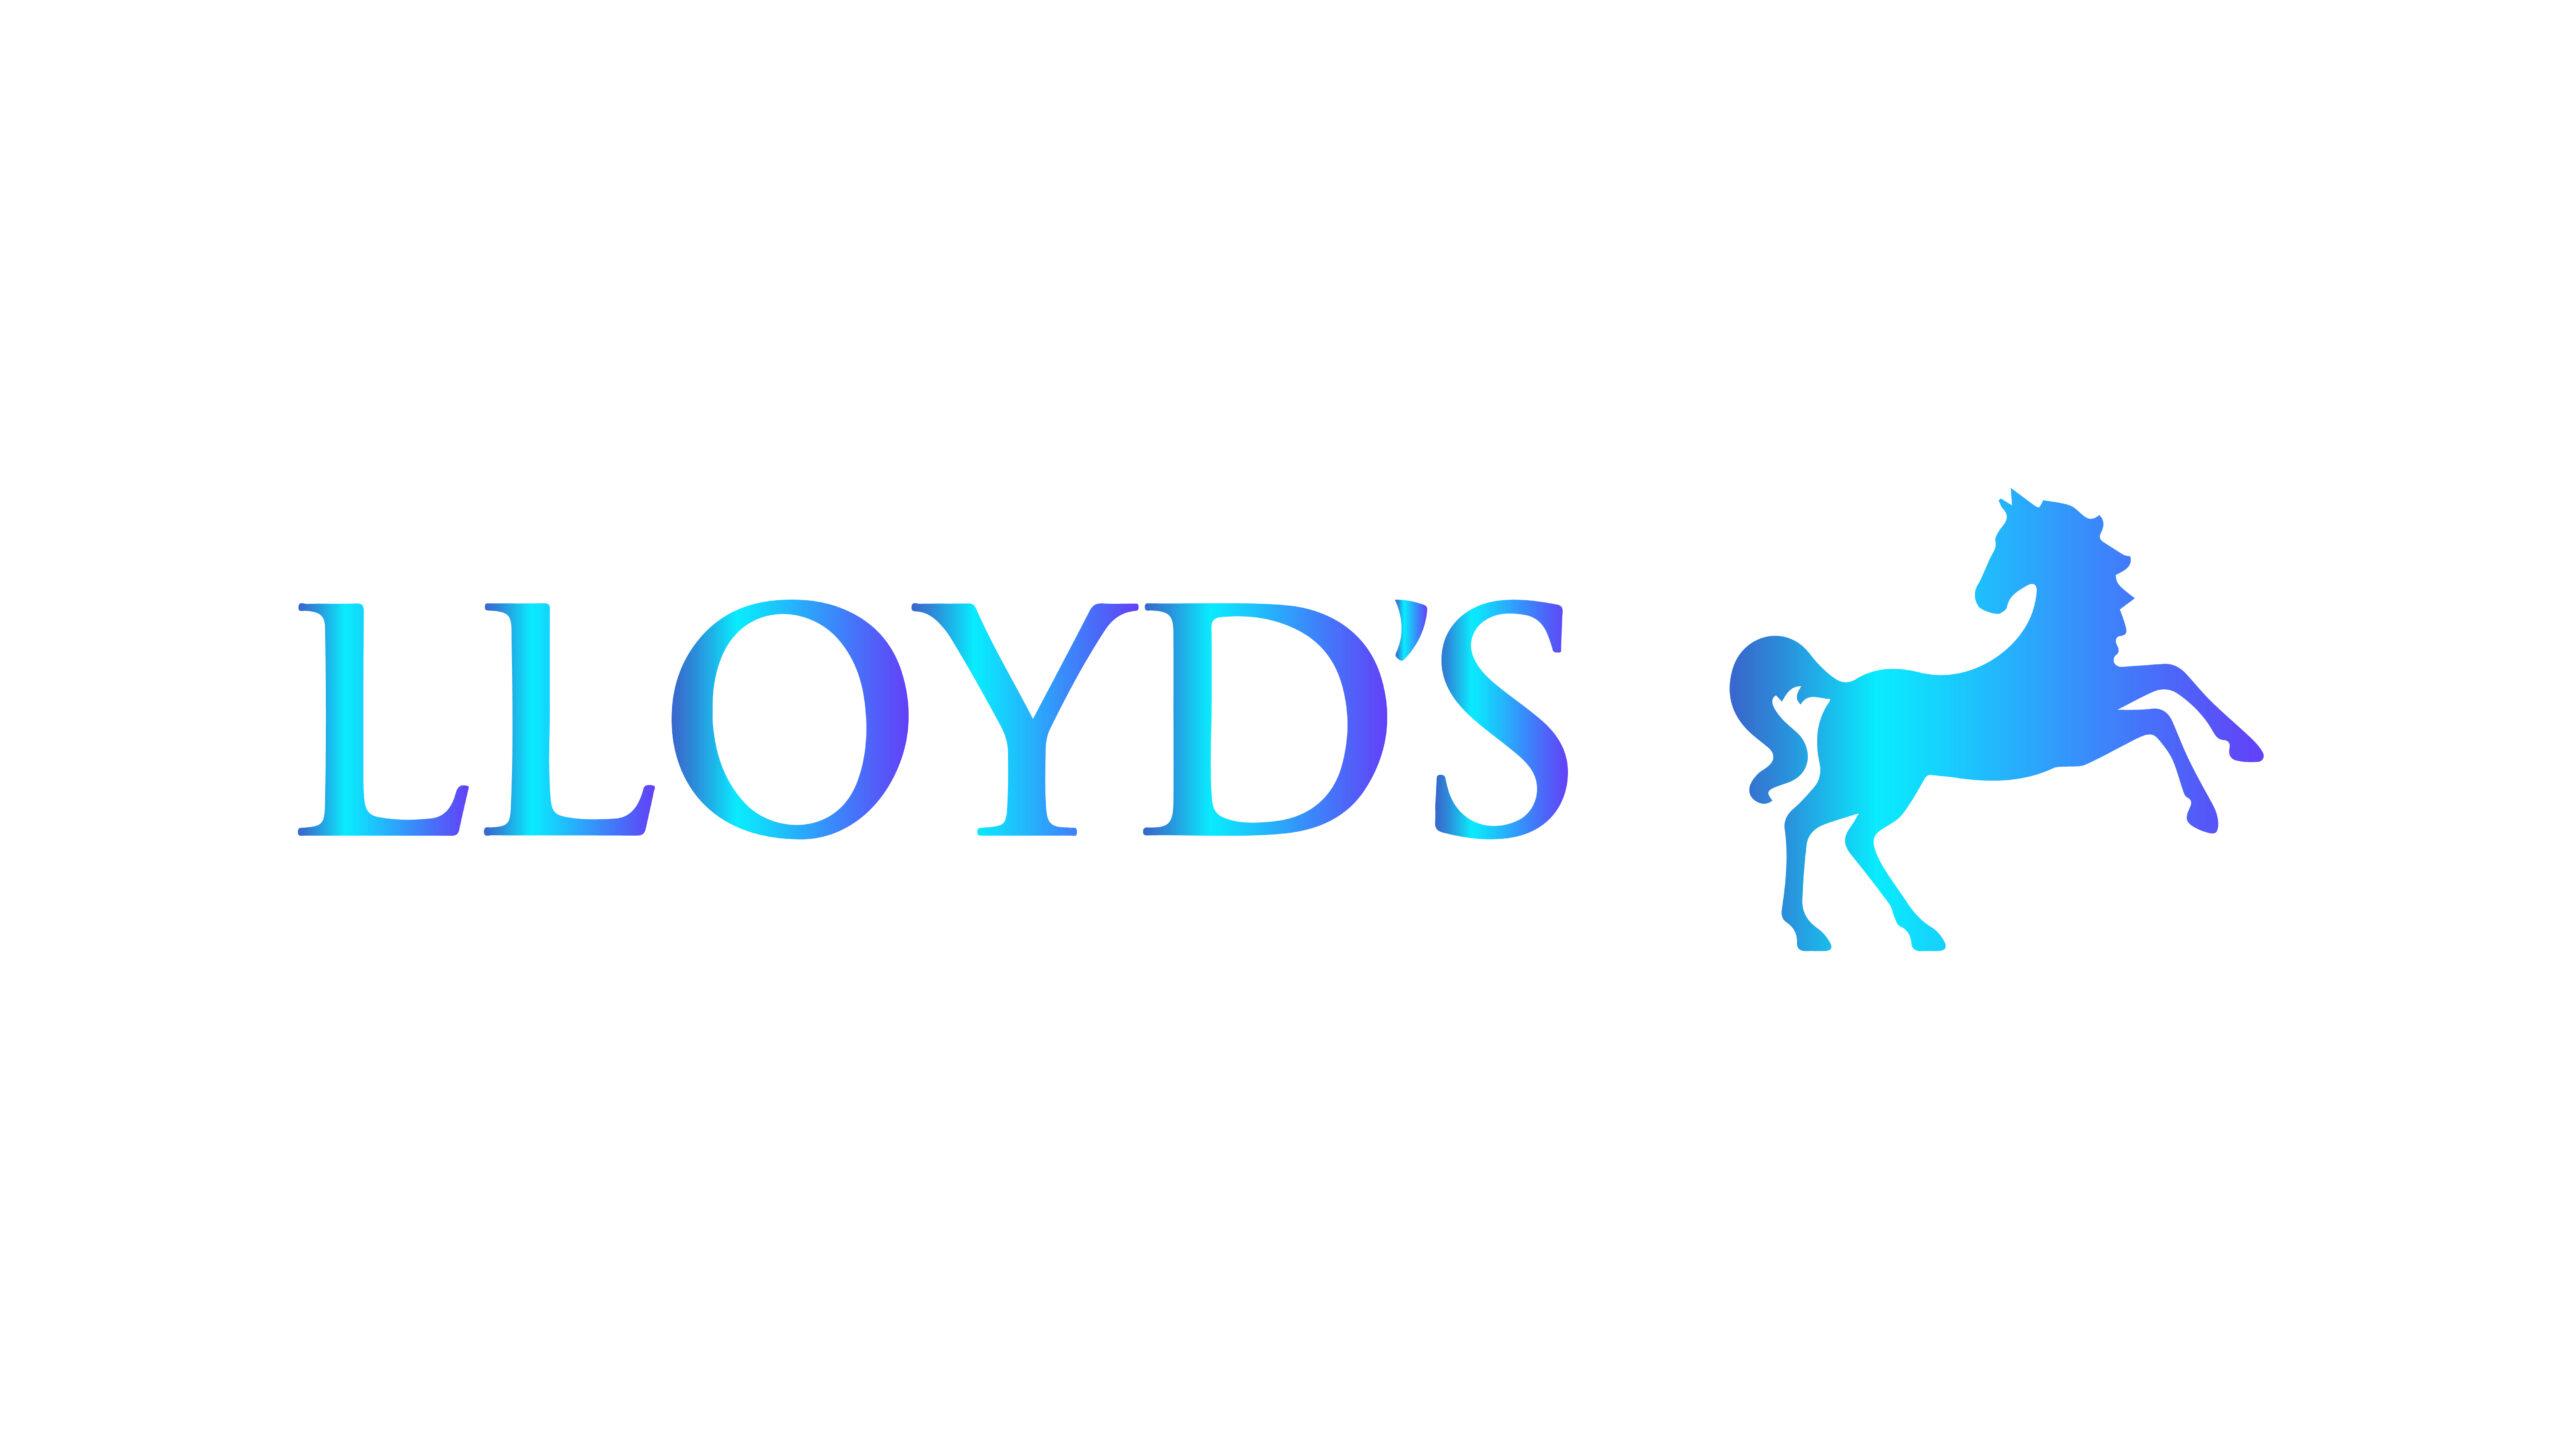 Lloyd's готовы к инфраструктурному буму в США